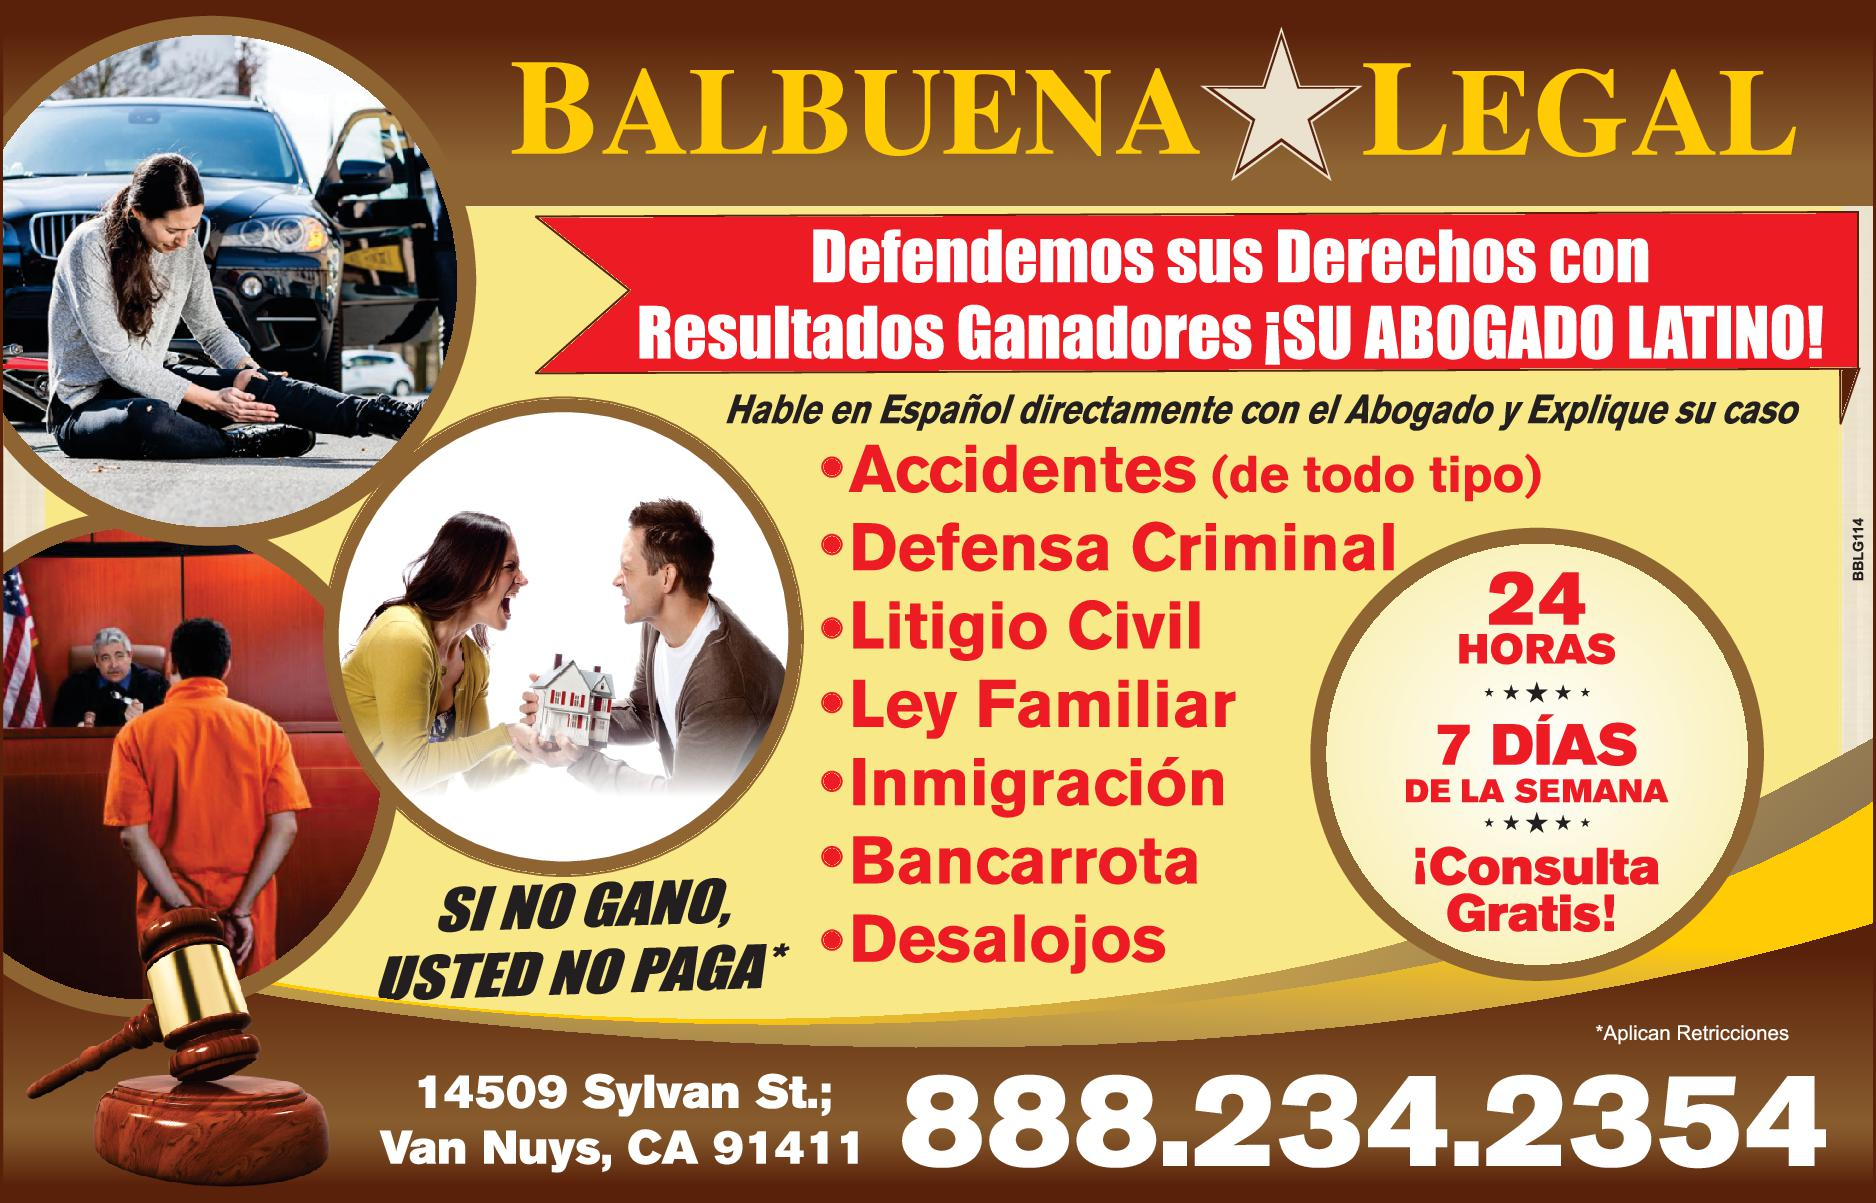 Balbuena & Legal